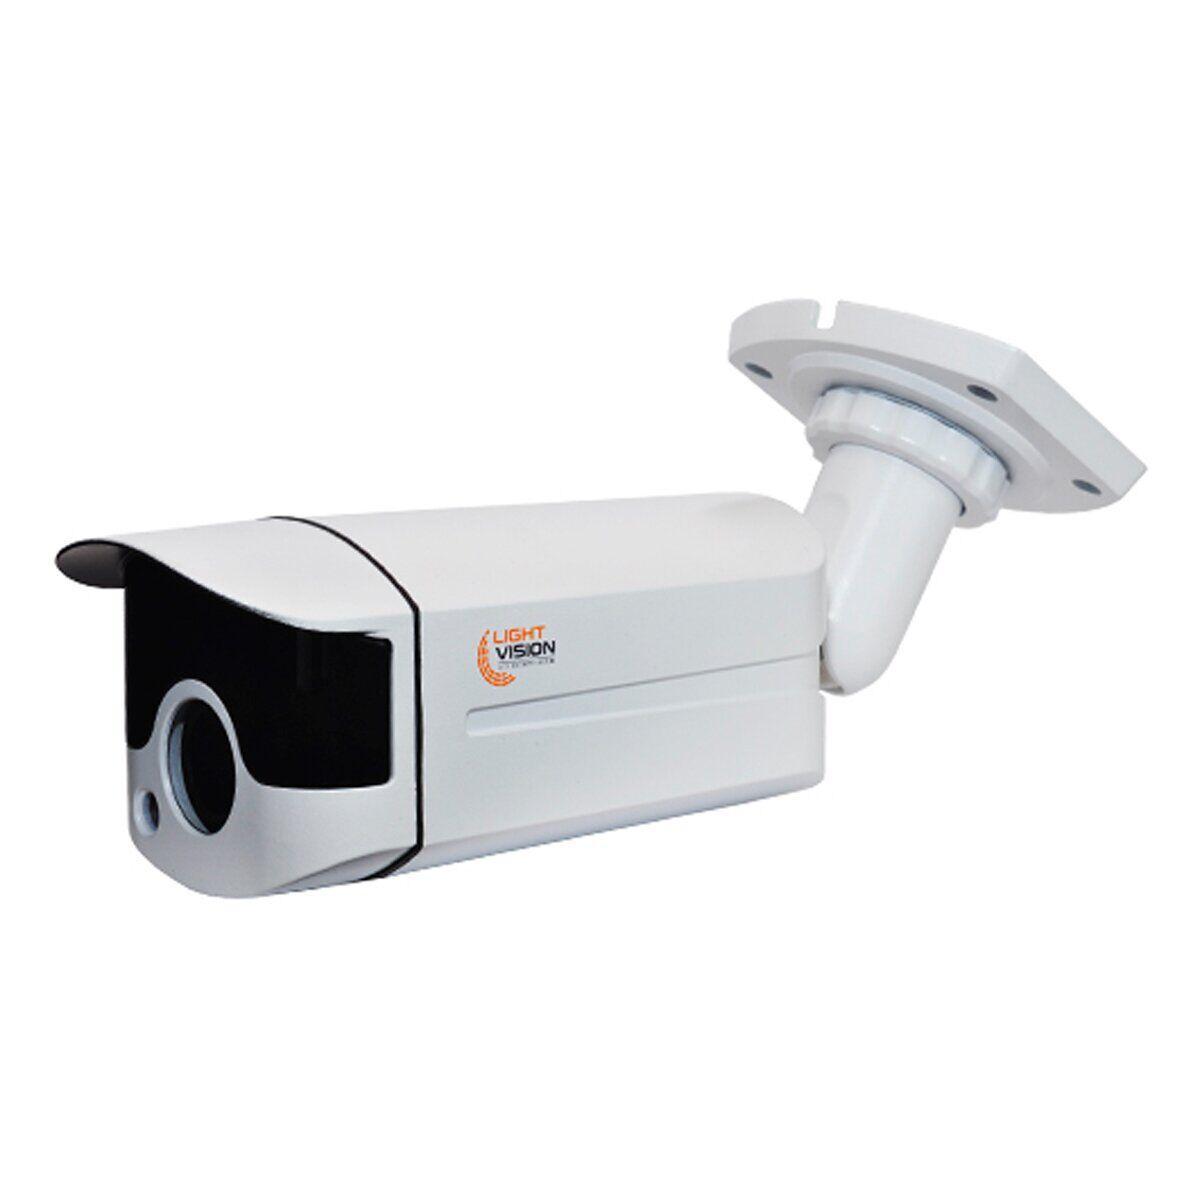 2 Мп MHD видеокамера Light Vision VLC-4192WZVM